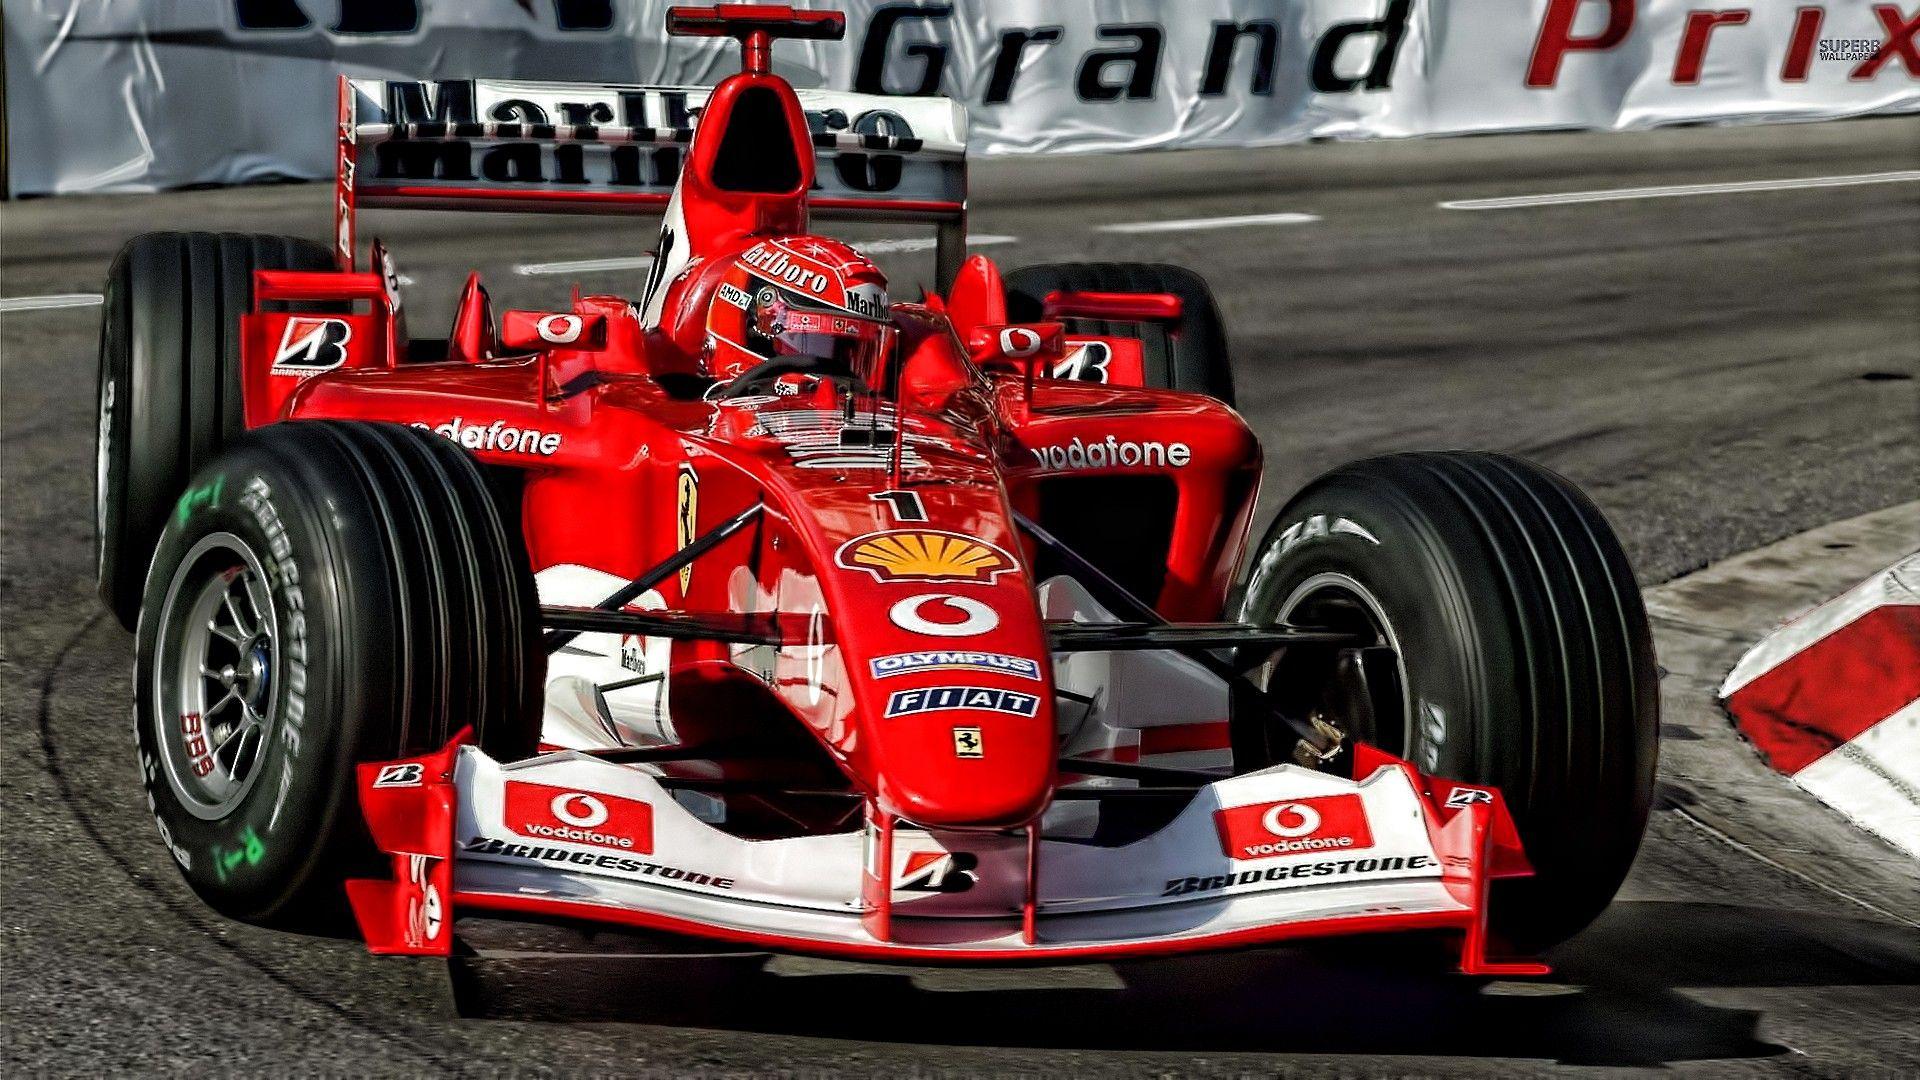 Formula 1, Ferrari F1, Michael Schumacher, Monaco